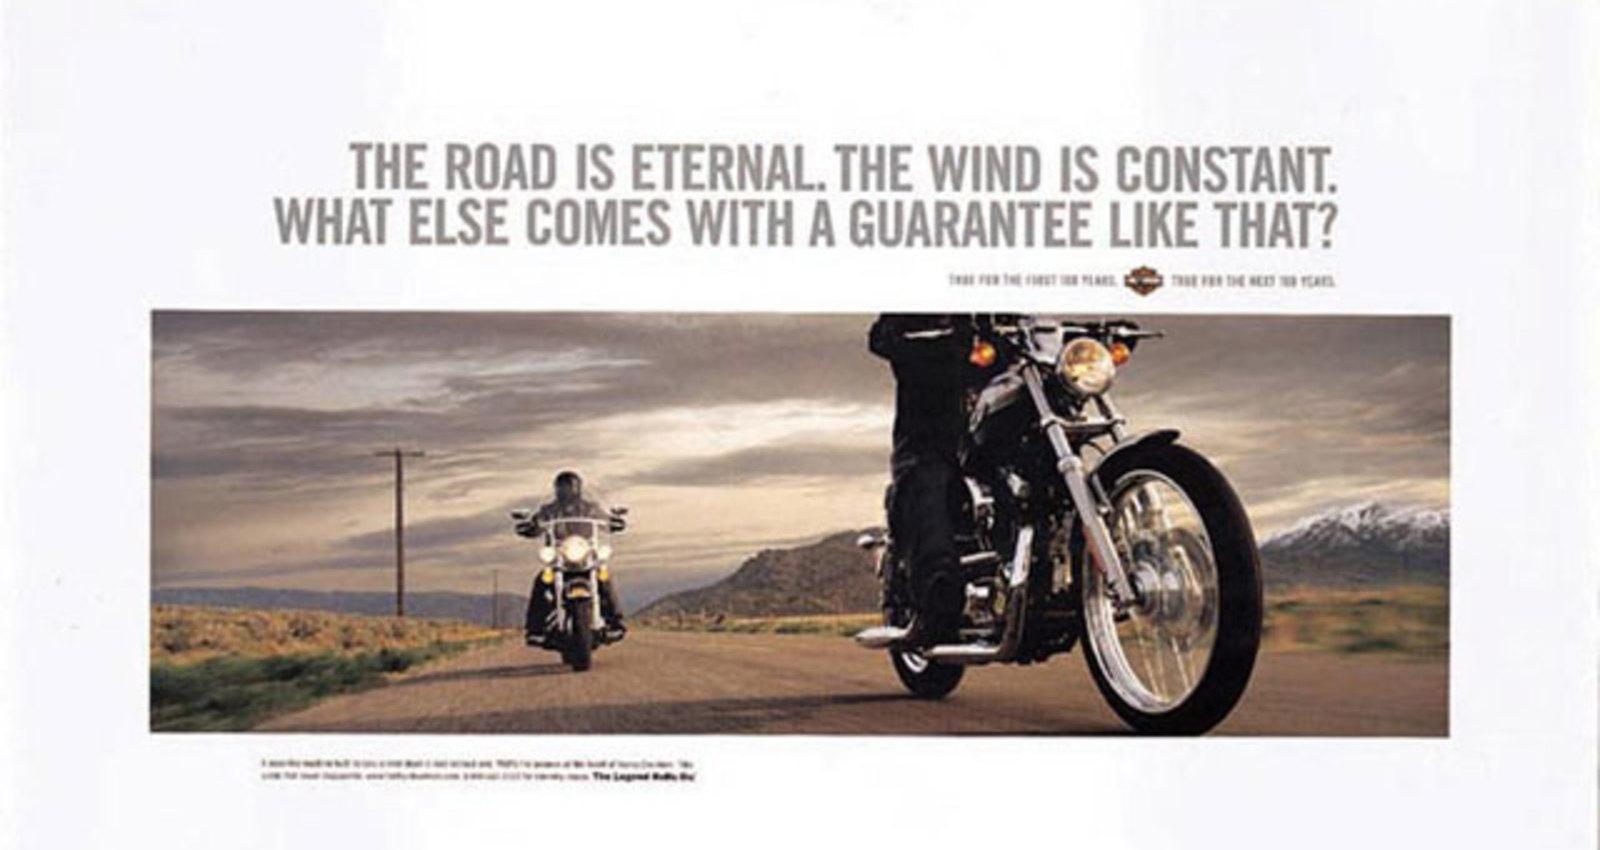 The Road is Eternal